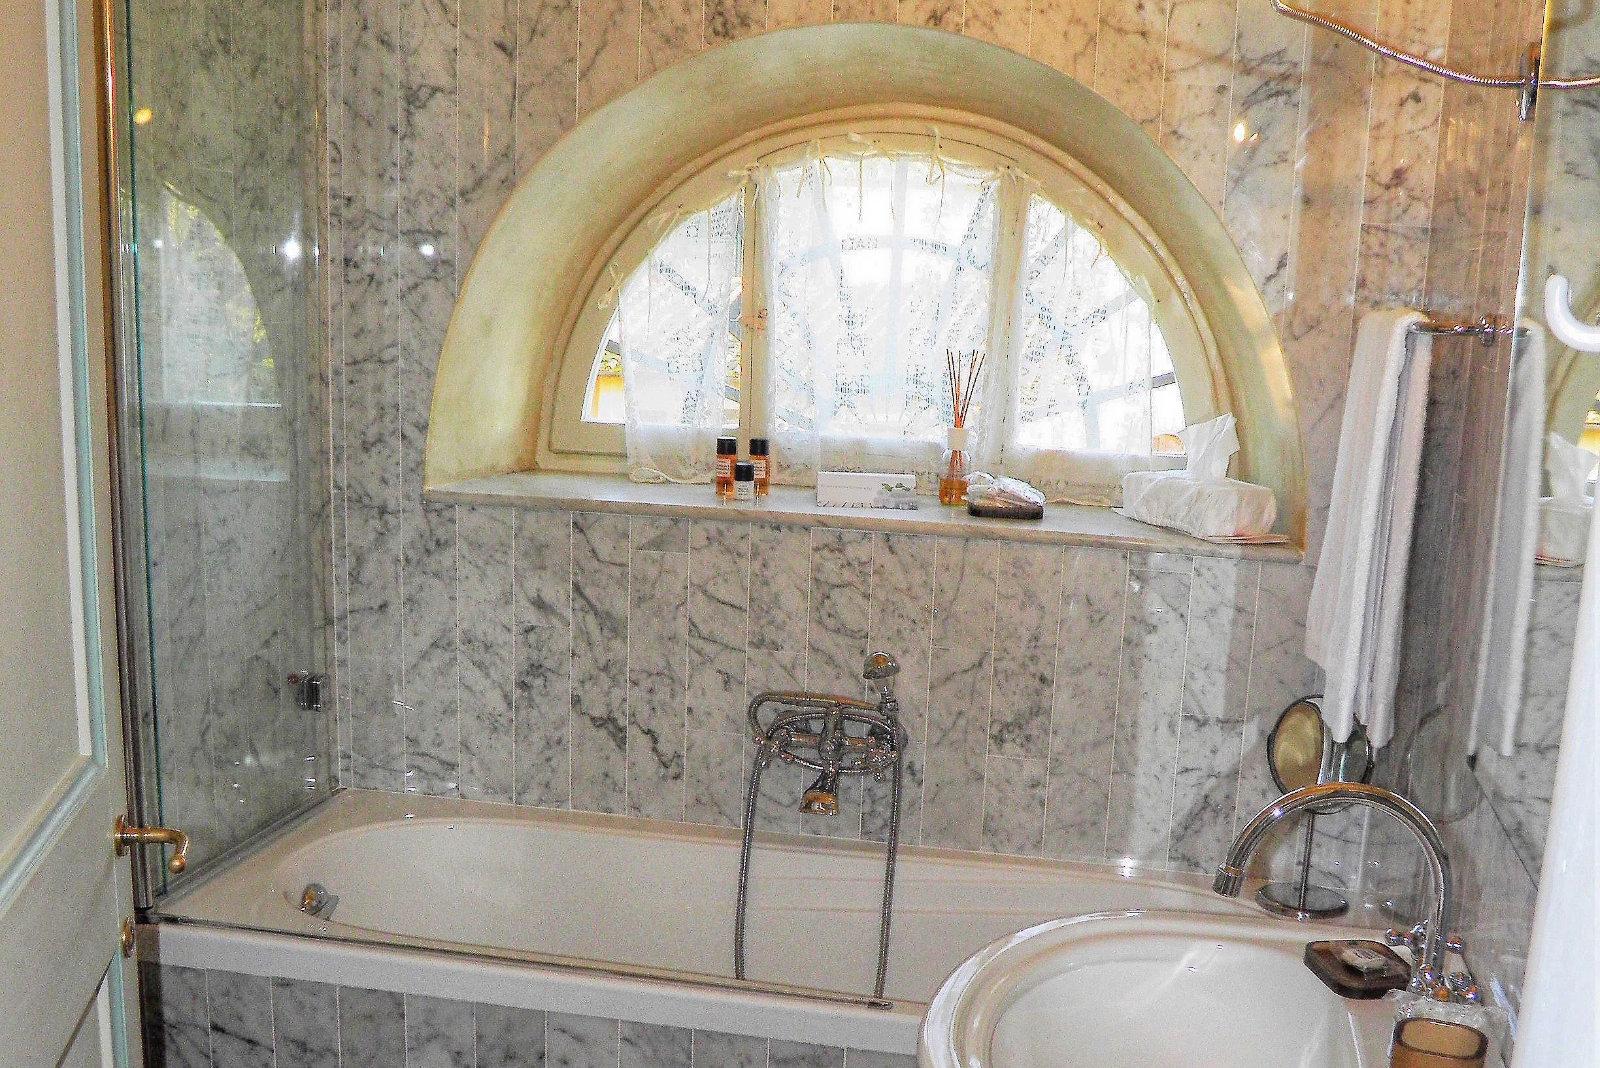 Il bagno della camera del verziere residenza d 39 epoca torre dei lari villa strozzi machiavelli - Magazzino della piastrella e del bagno firenze fi ...